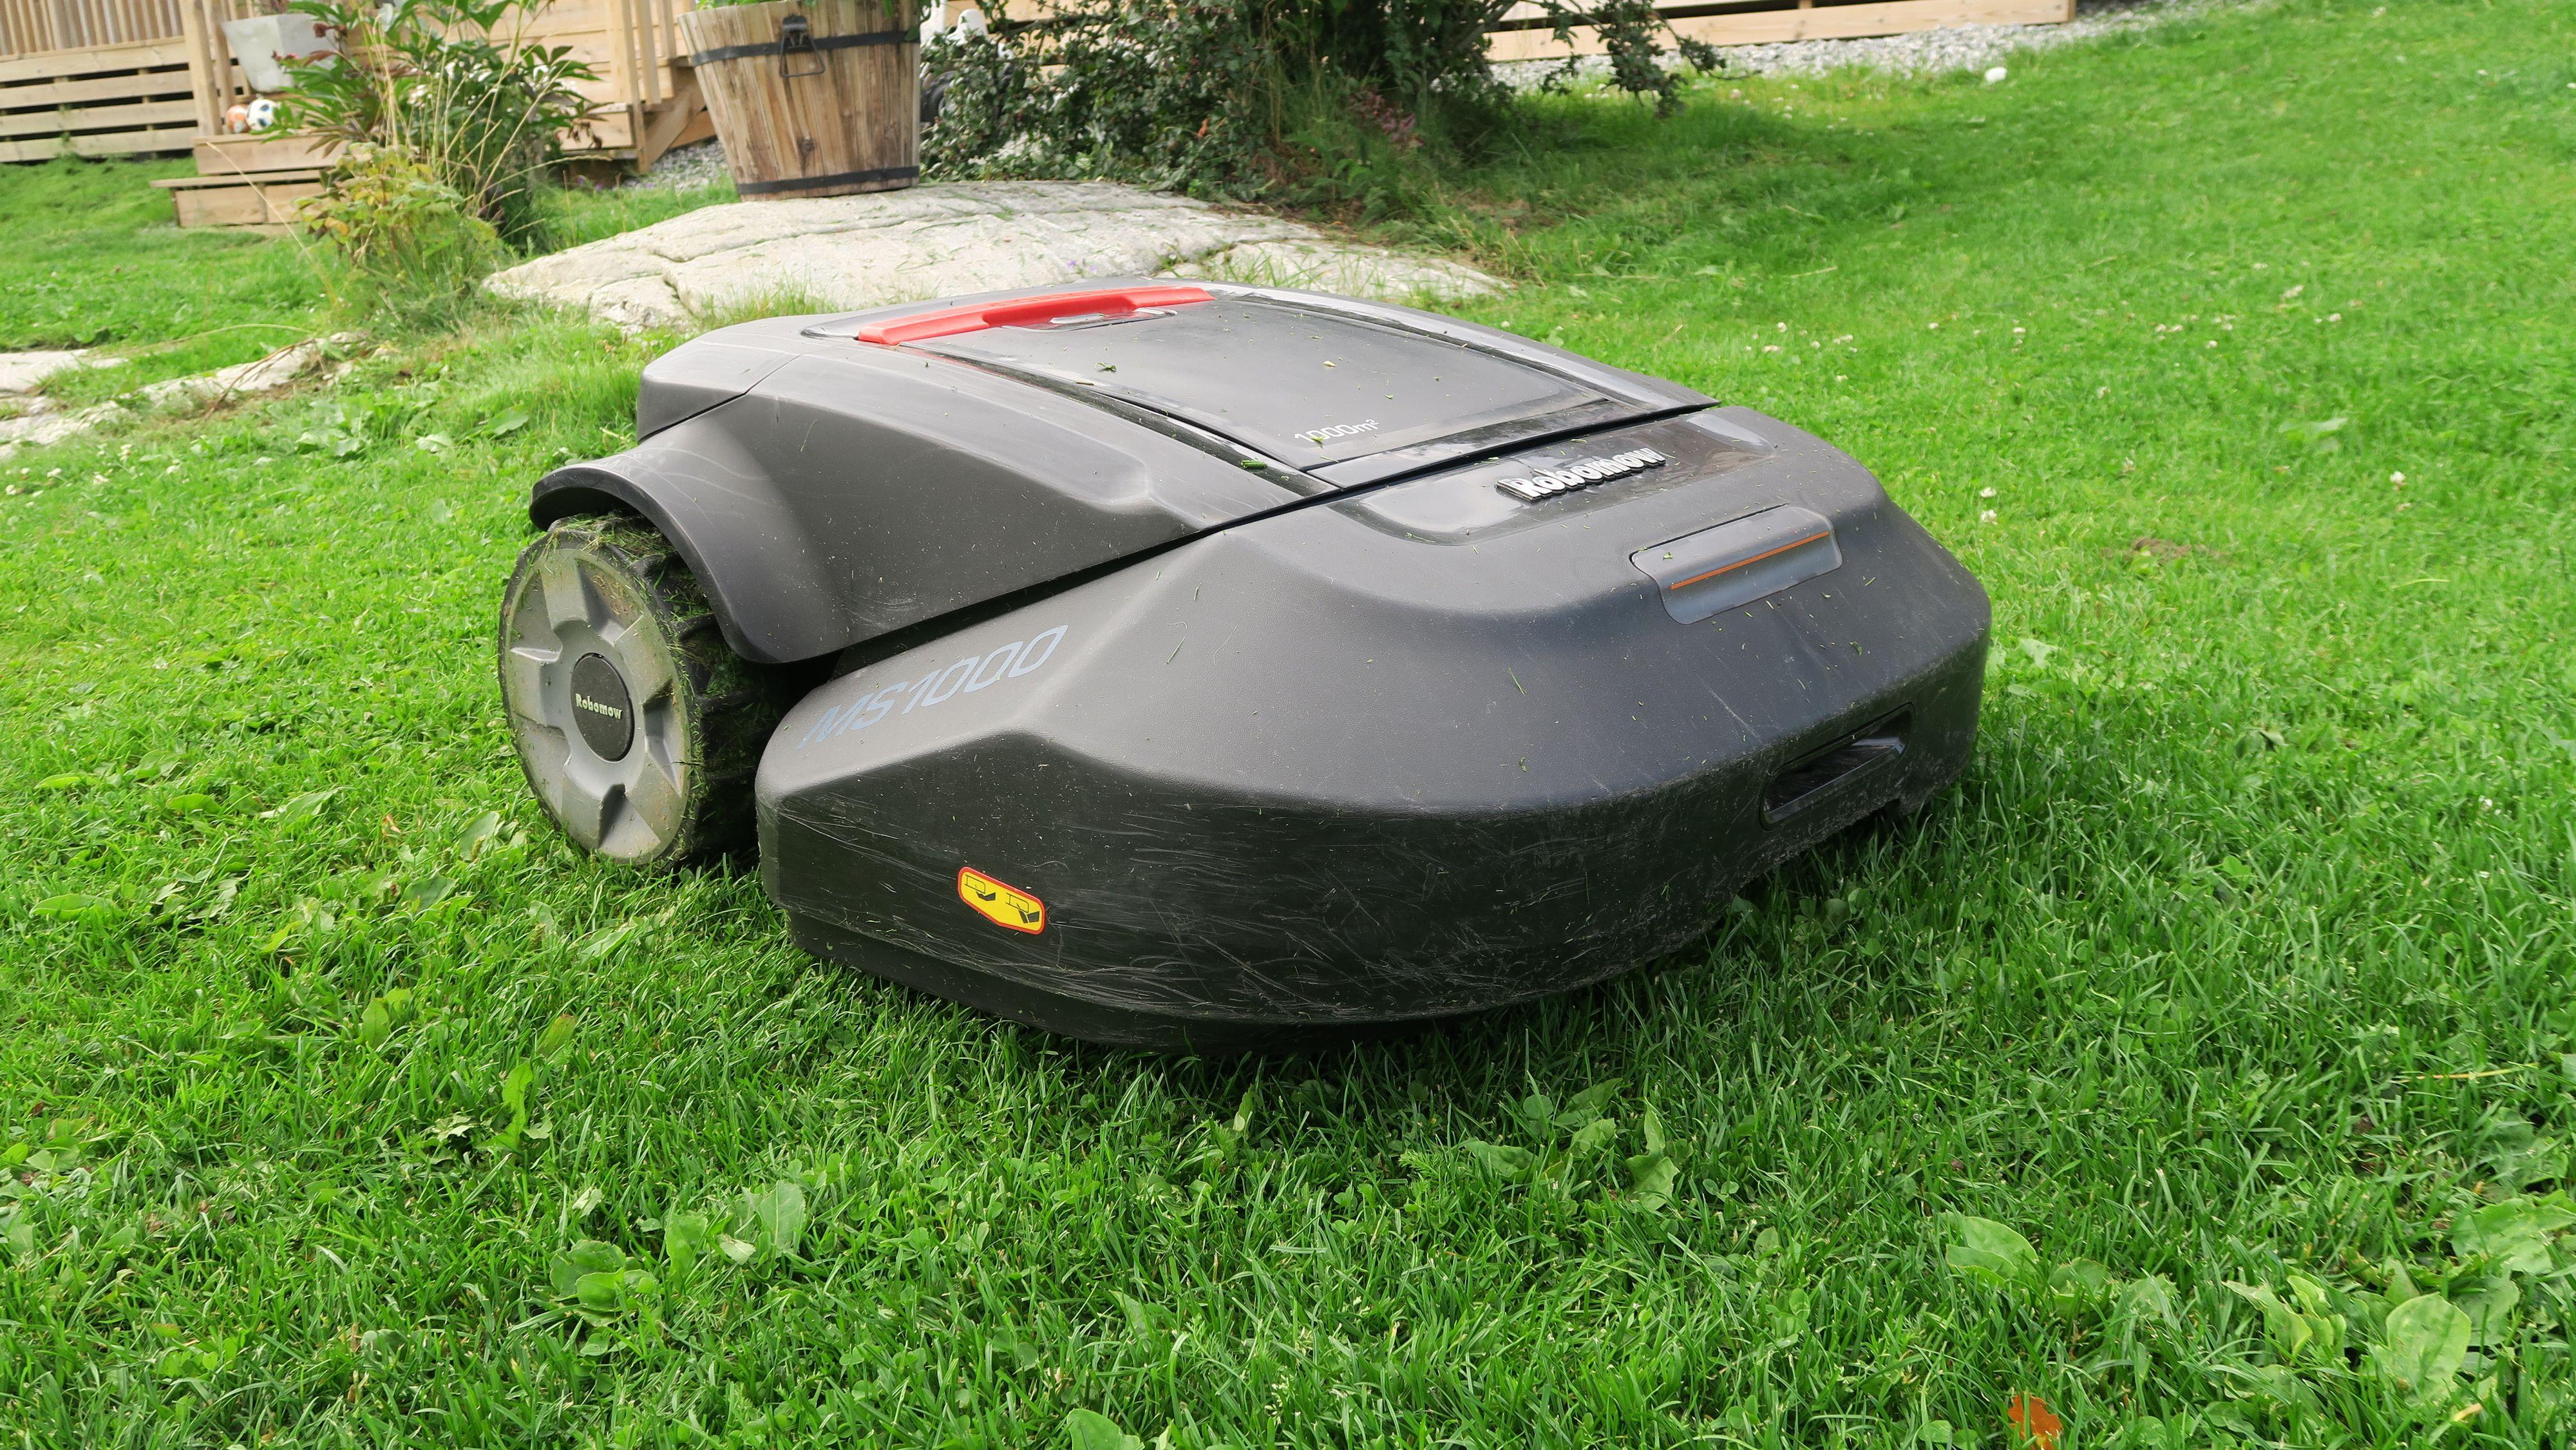 Robomow-modellen vi testet kjørte rundt i et slags tilfeldig kjøremønster. Foto: Ole Henrik Johansen / Tek.no